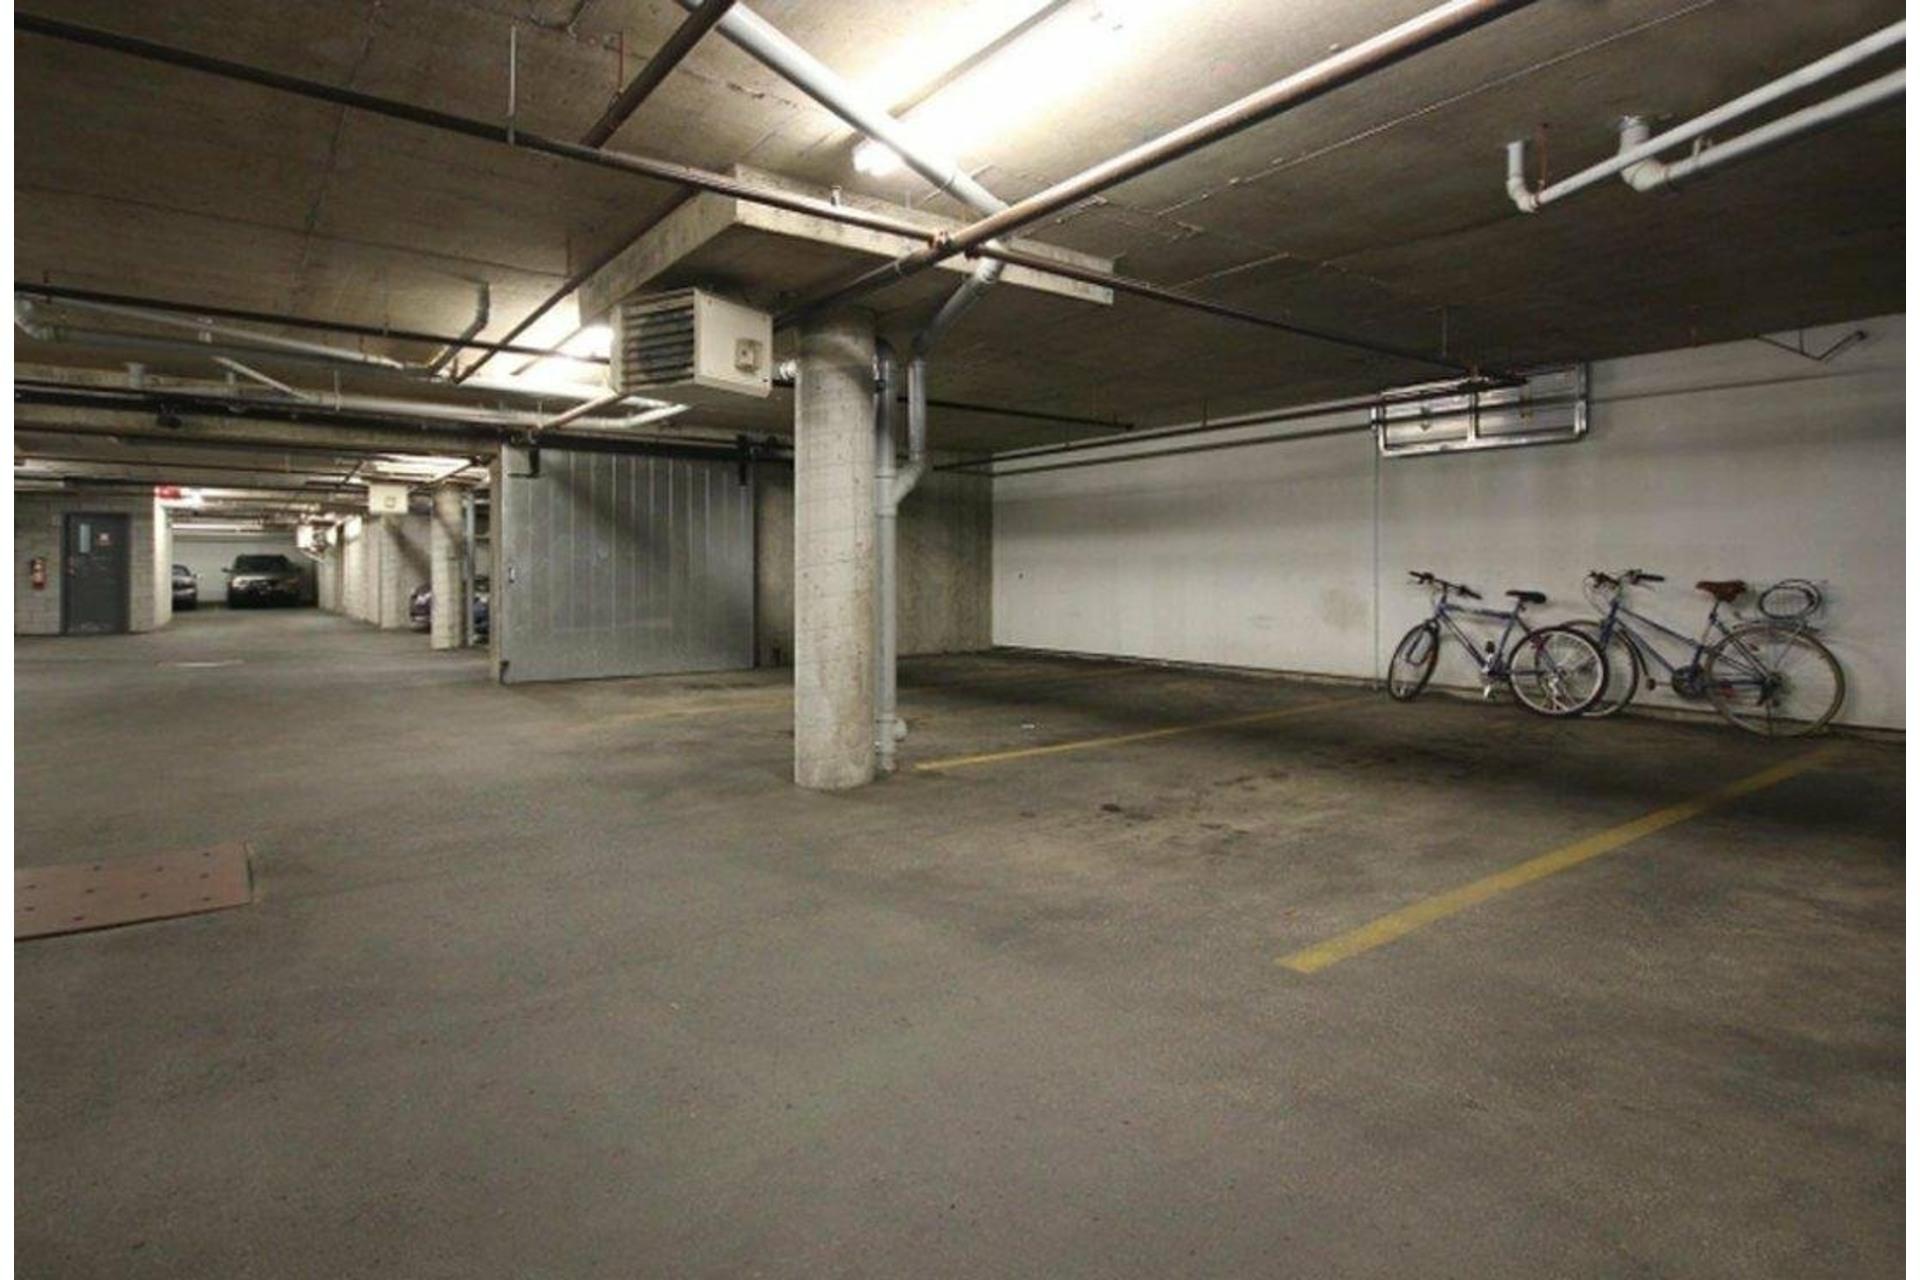 image 37 - Appartement À vendre Côte-des-Neiges/Notre-Dame-de-Grâce Montréal  - 6 pièces